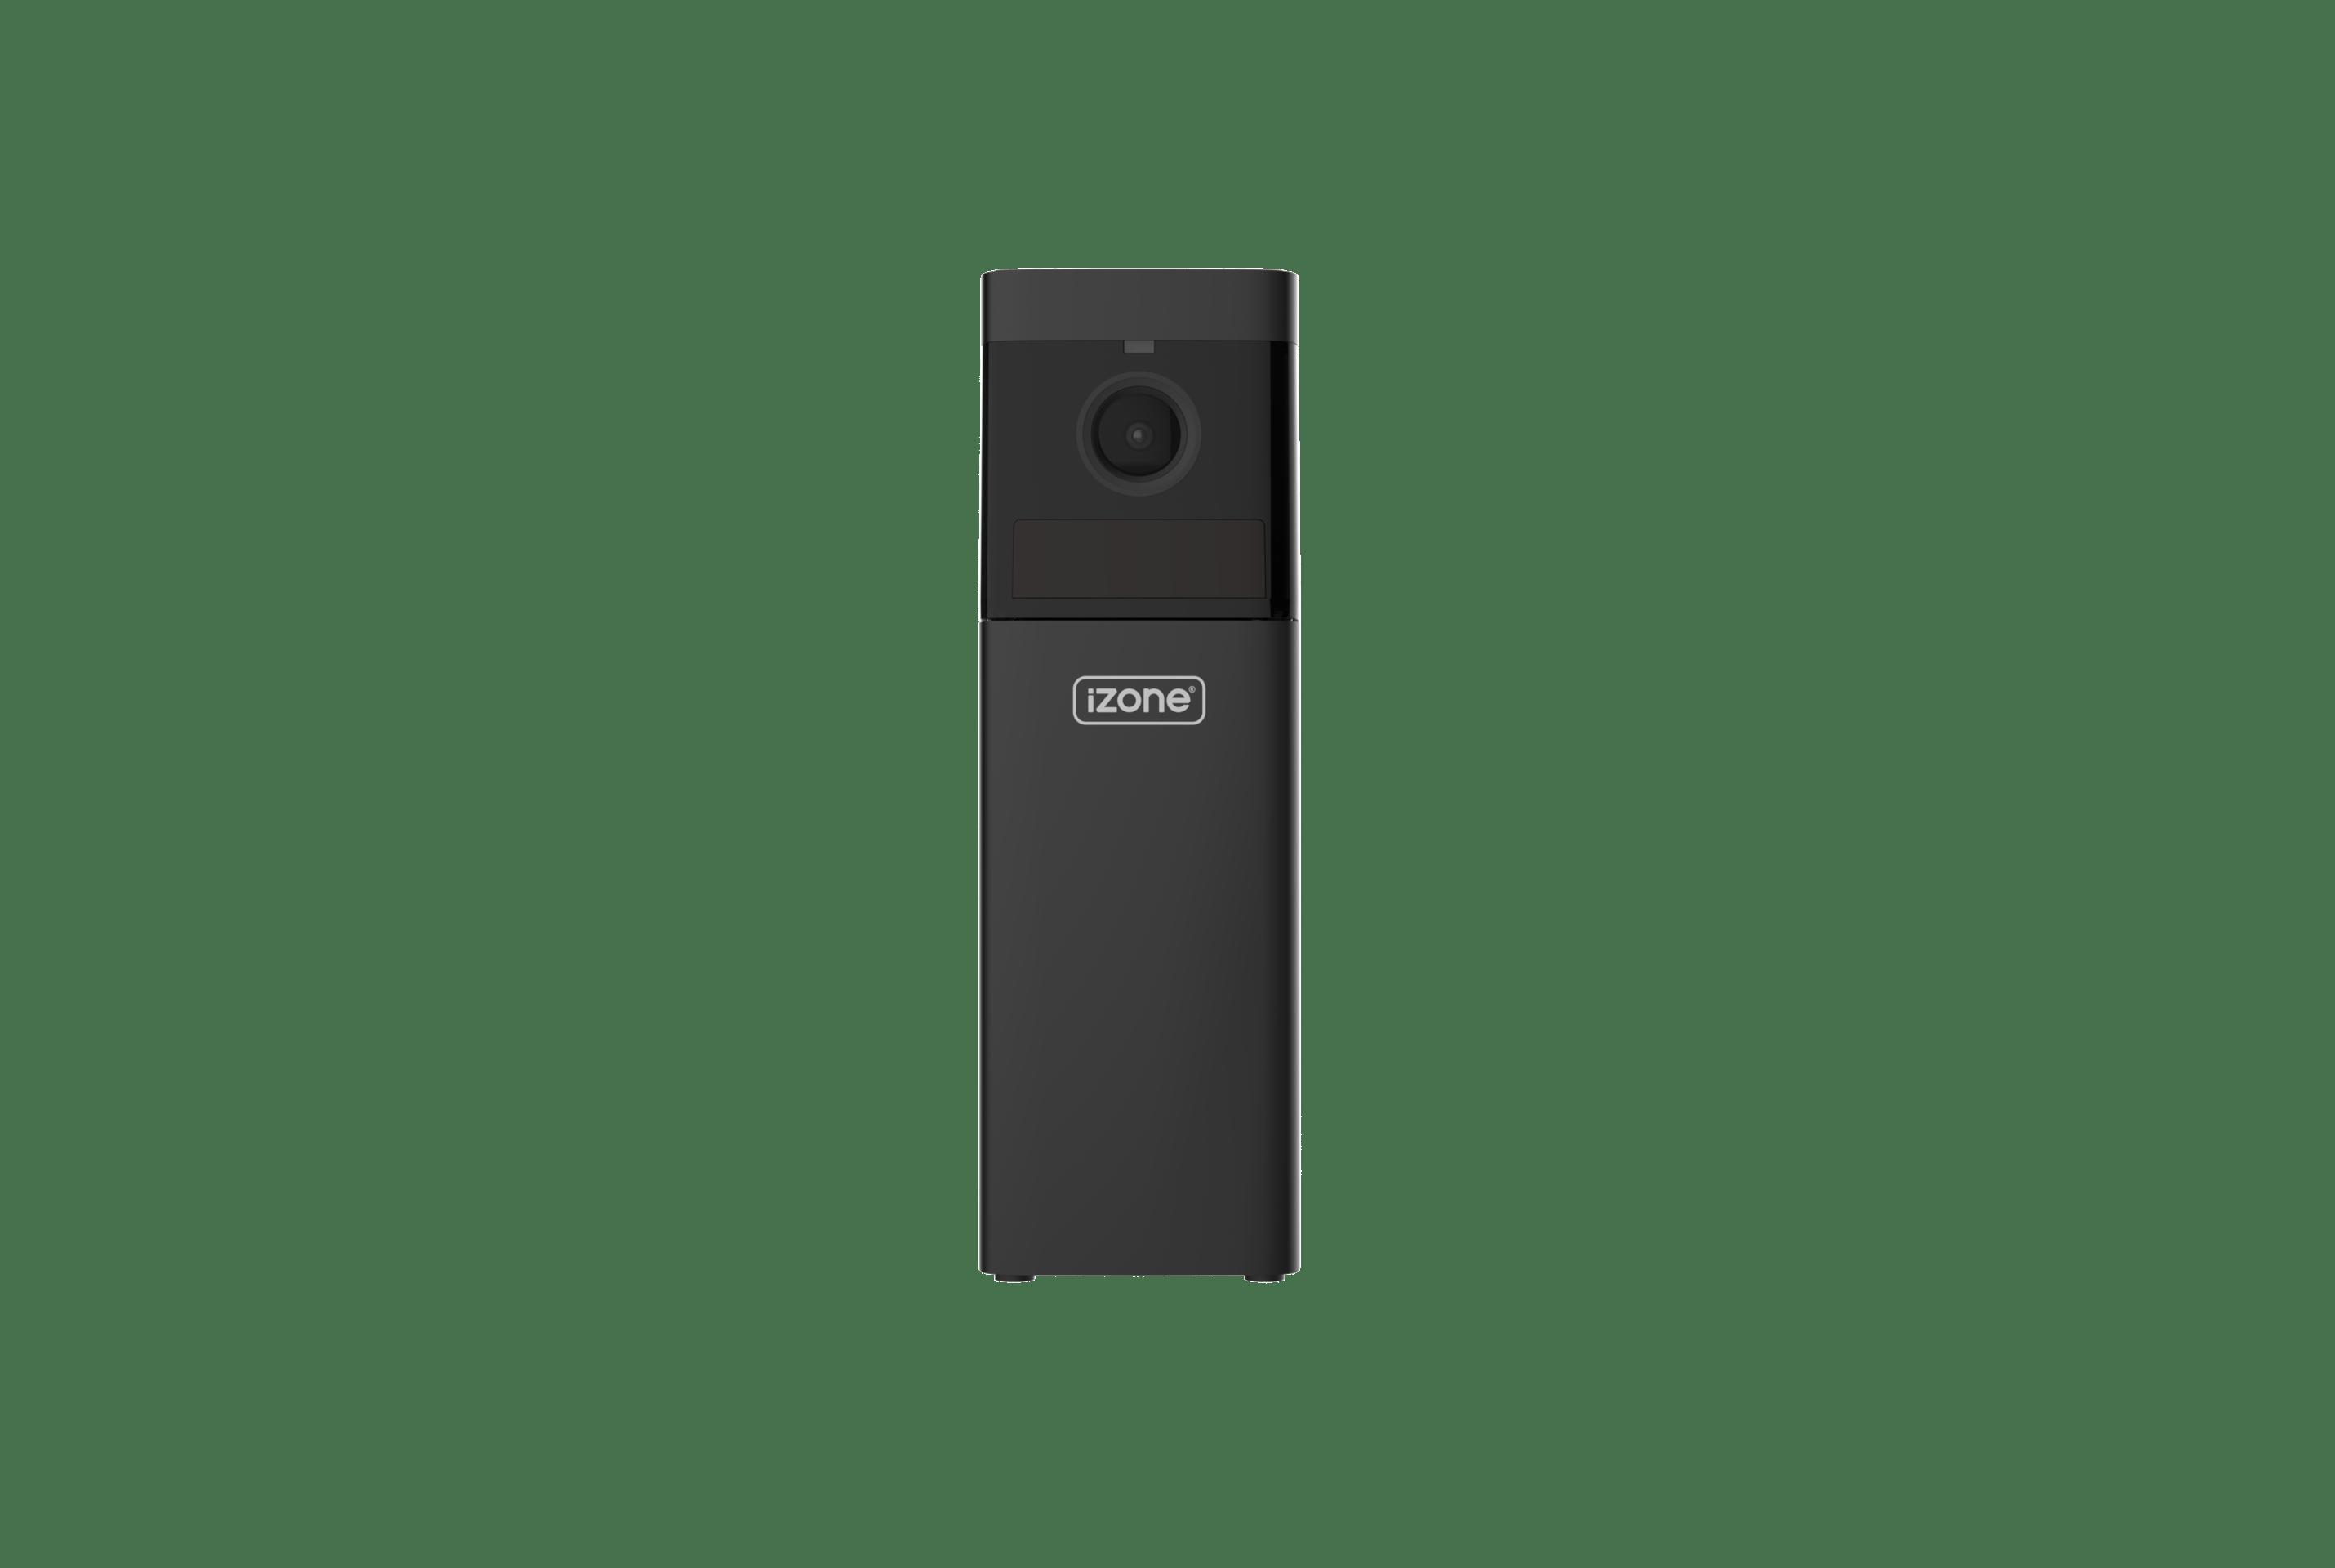 210111 iZone Smart Inddor Camera Image – Front